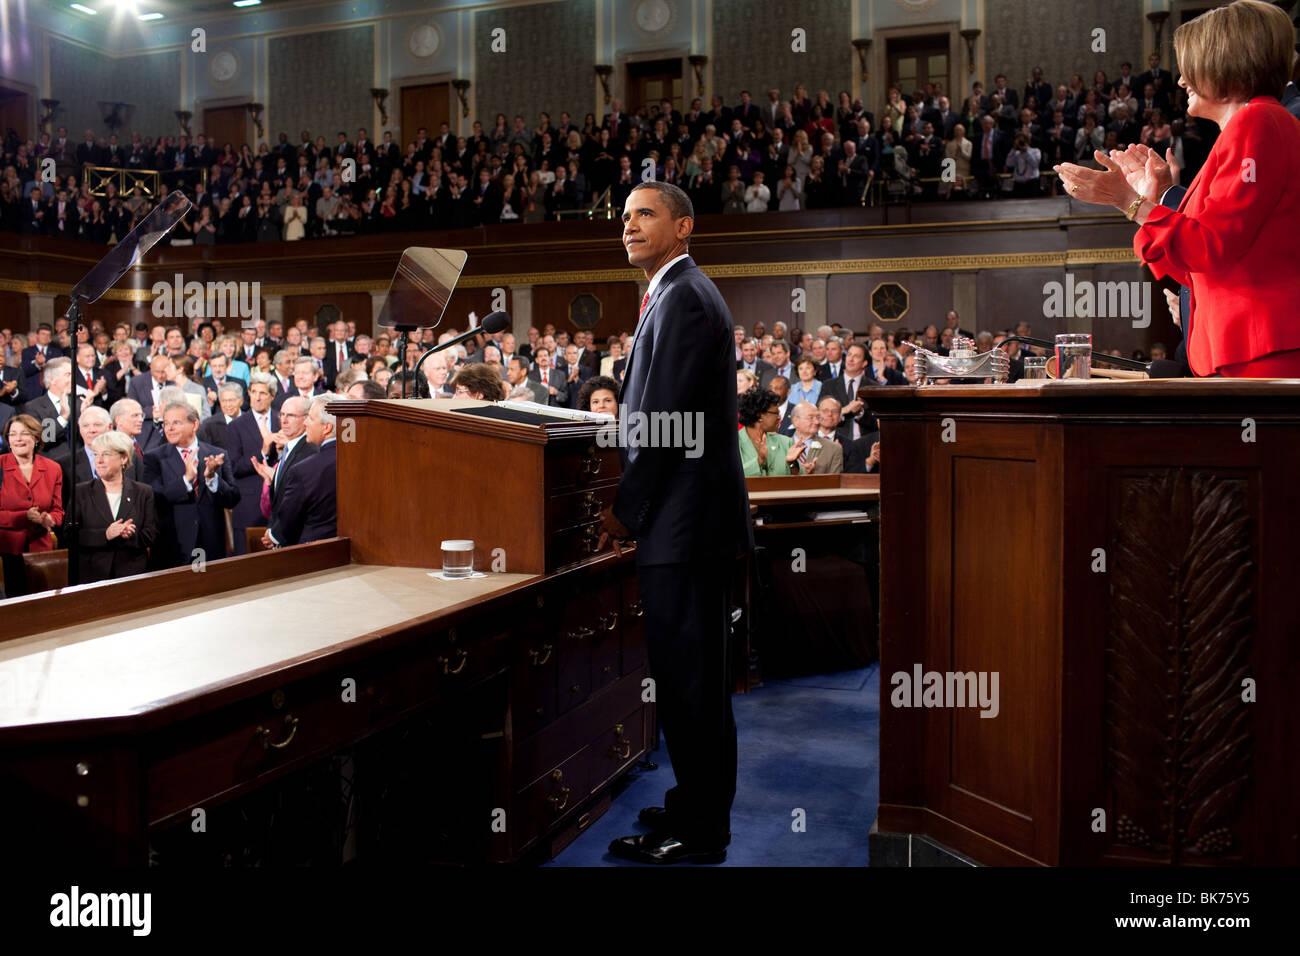 El presidente Obama ofrece comentarios sobre salud a una sesión conjunta del Congreso, en el Capitolio de EE.UU. Imagen De Stock